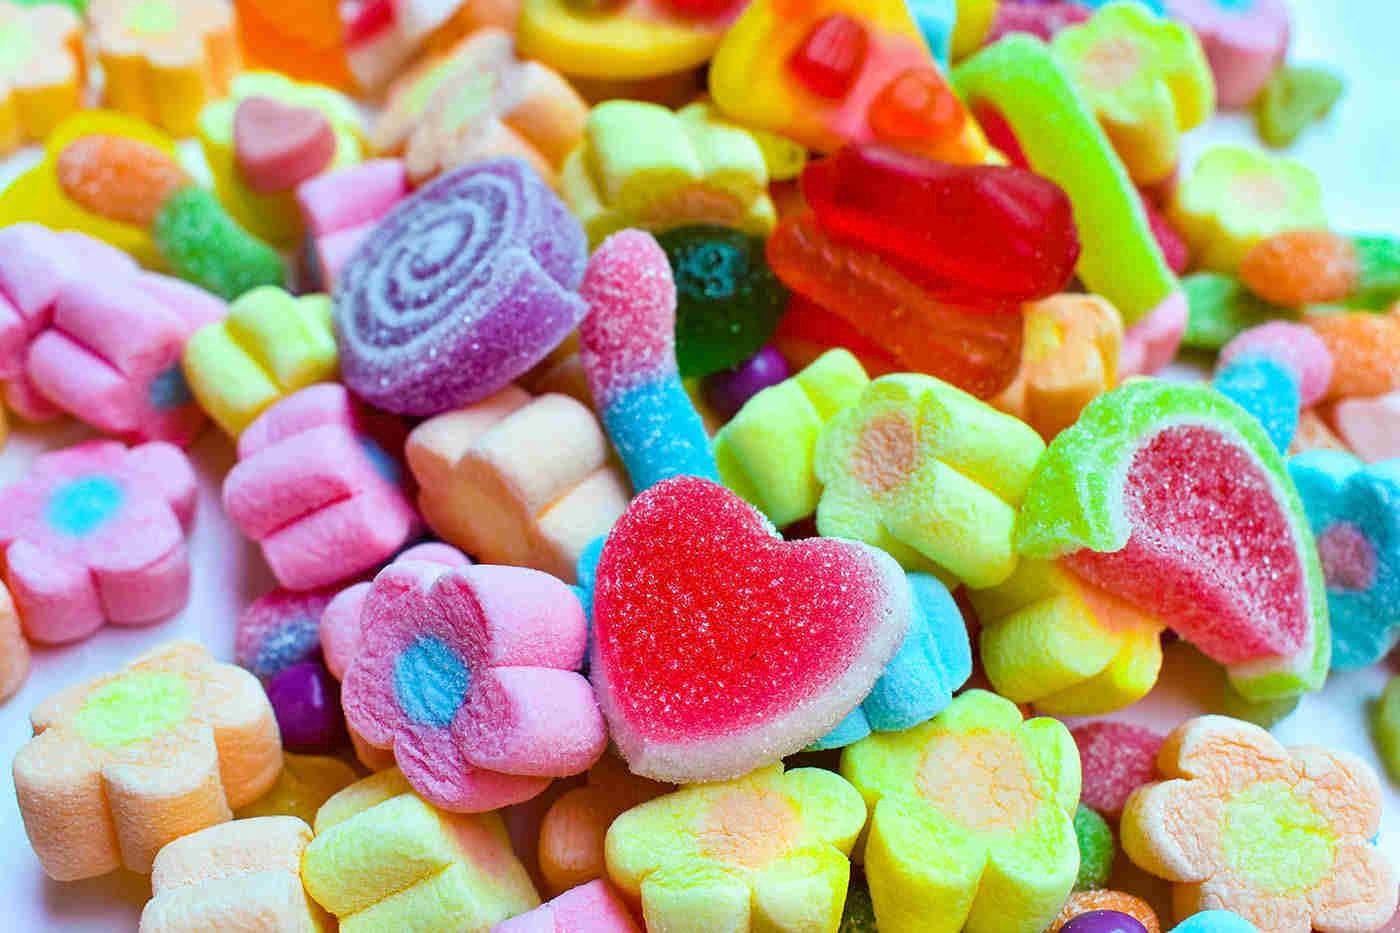 Alimentele ultraprocesate cresc riscul de mortalitate prin boală cardiovasculară